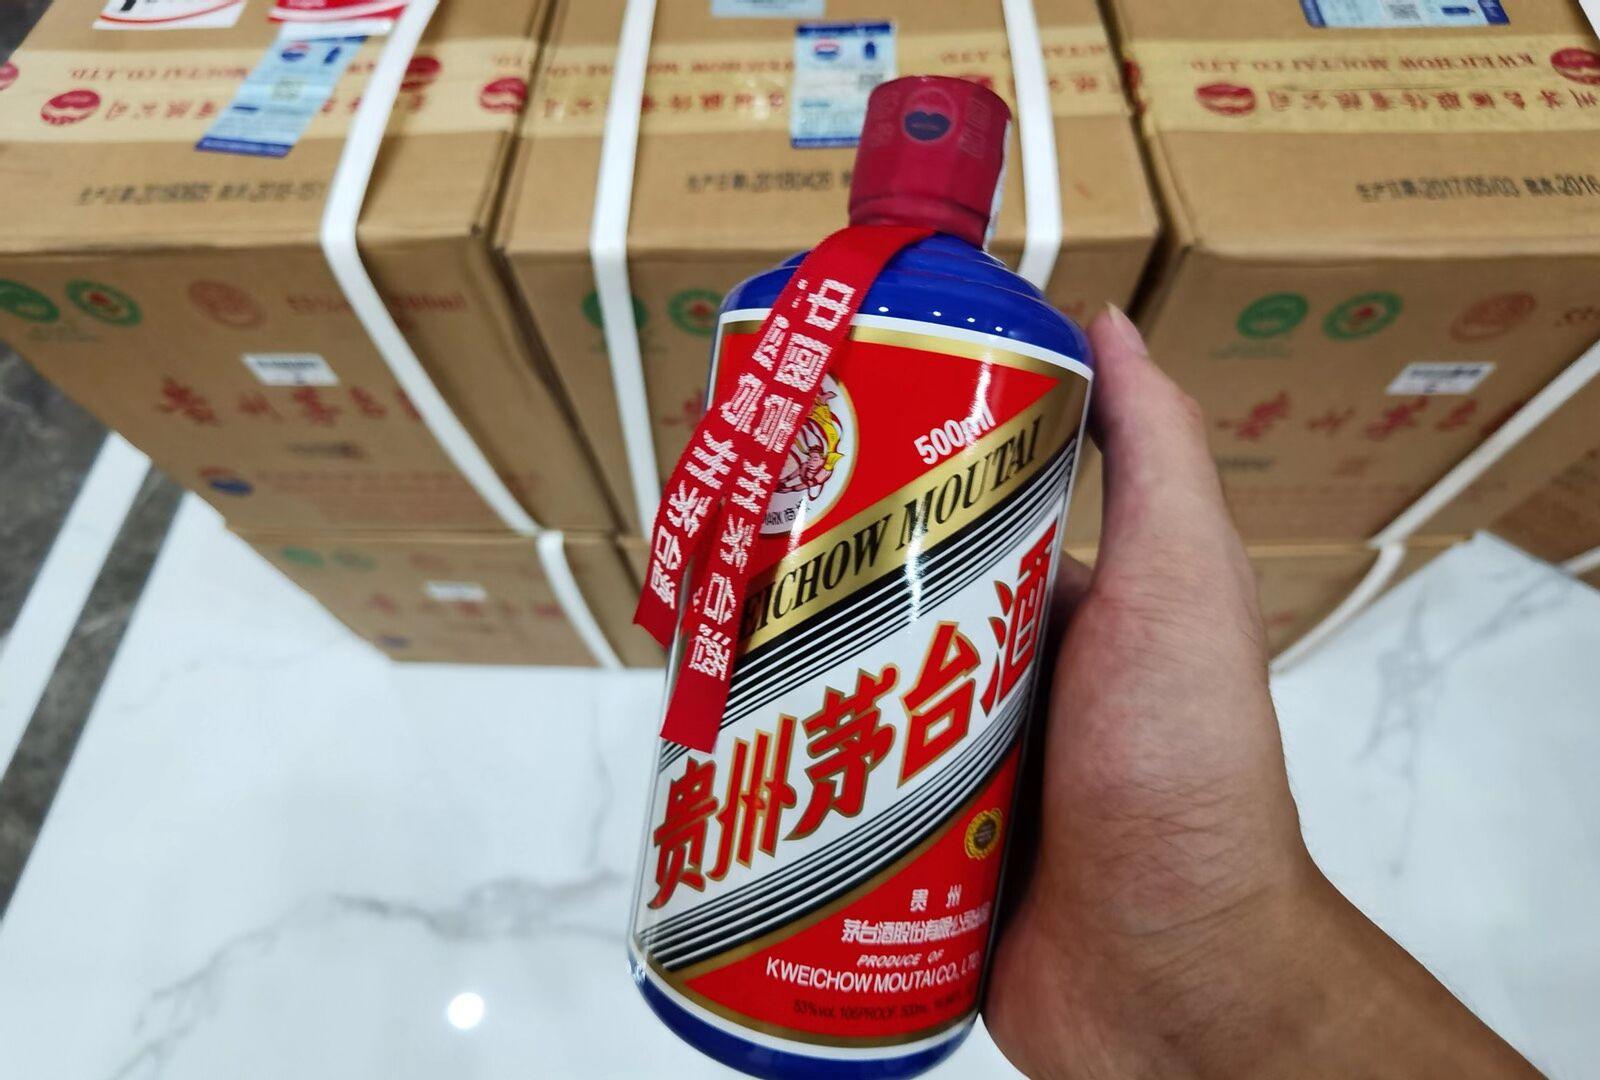 全国回收空酒瓶(贵宾茅台酒瓶回收)一个值多少钱